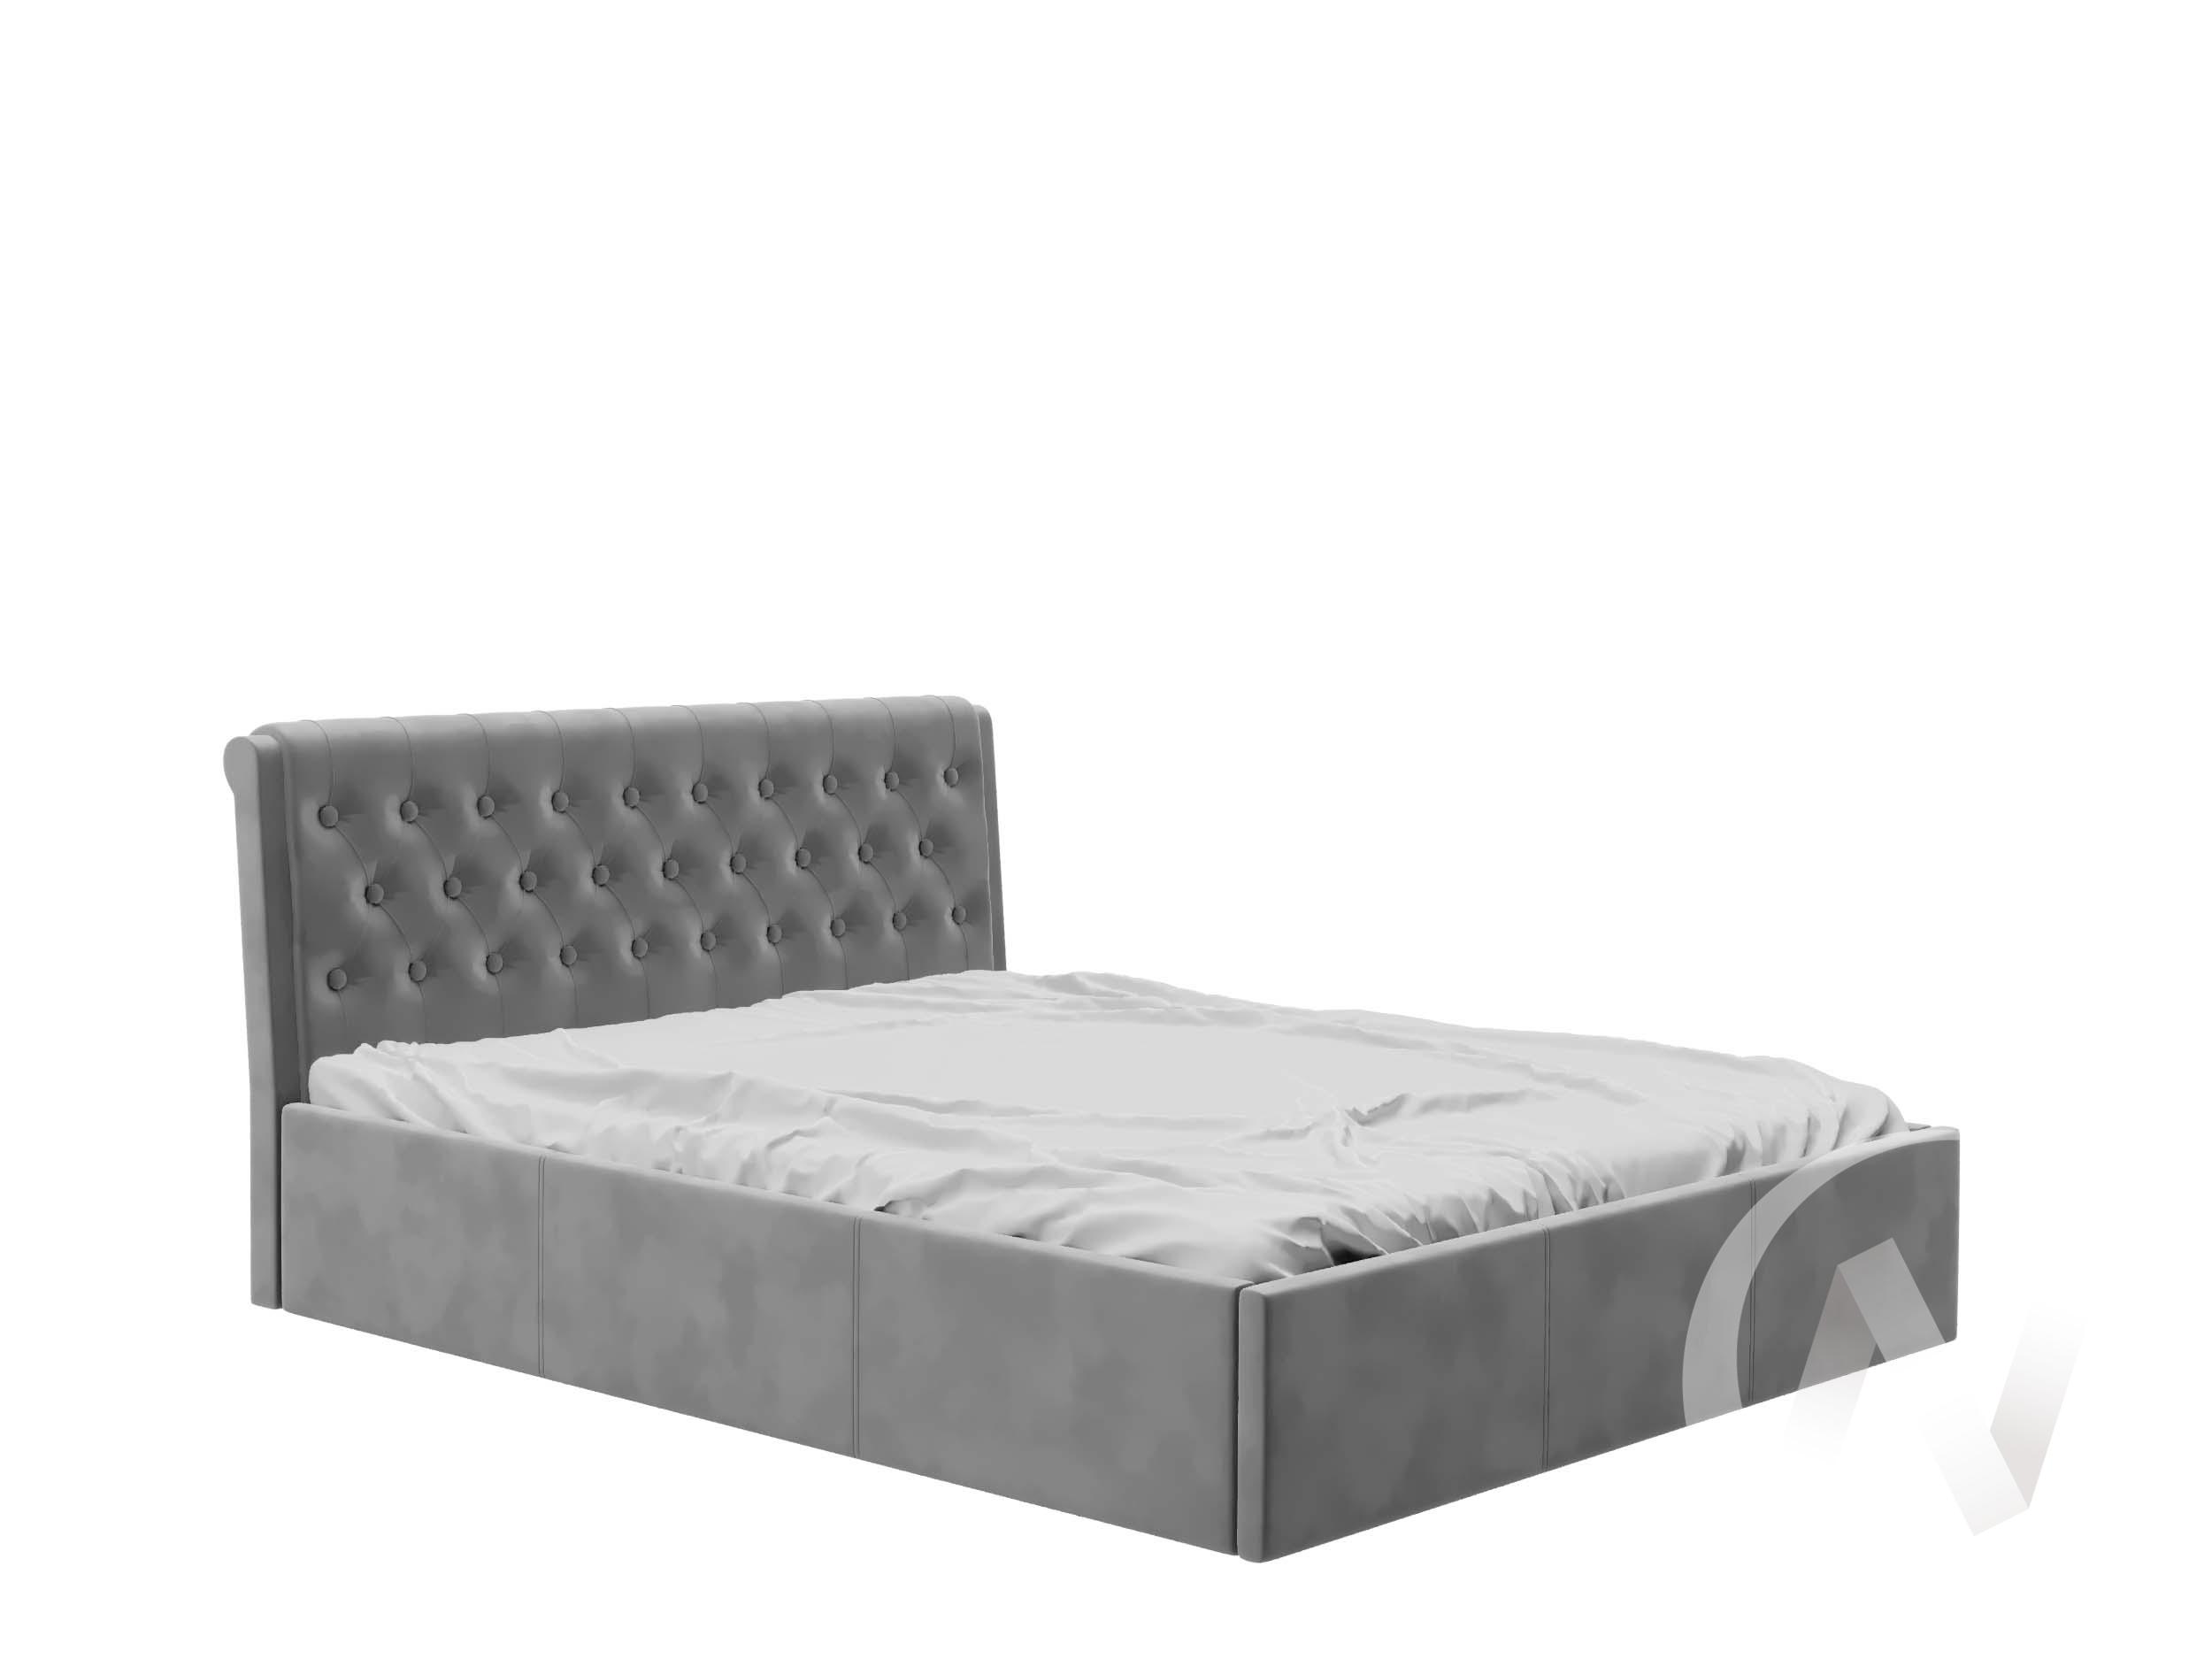 Кровать Дженни 1,4 с подъемным механизмом (вельвет серый)  в Томске — интернет магазин МИРА-мебель